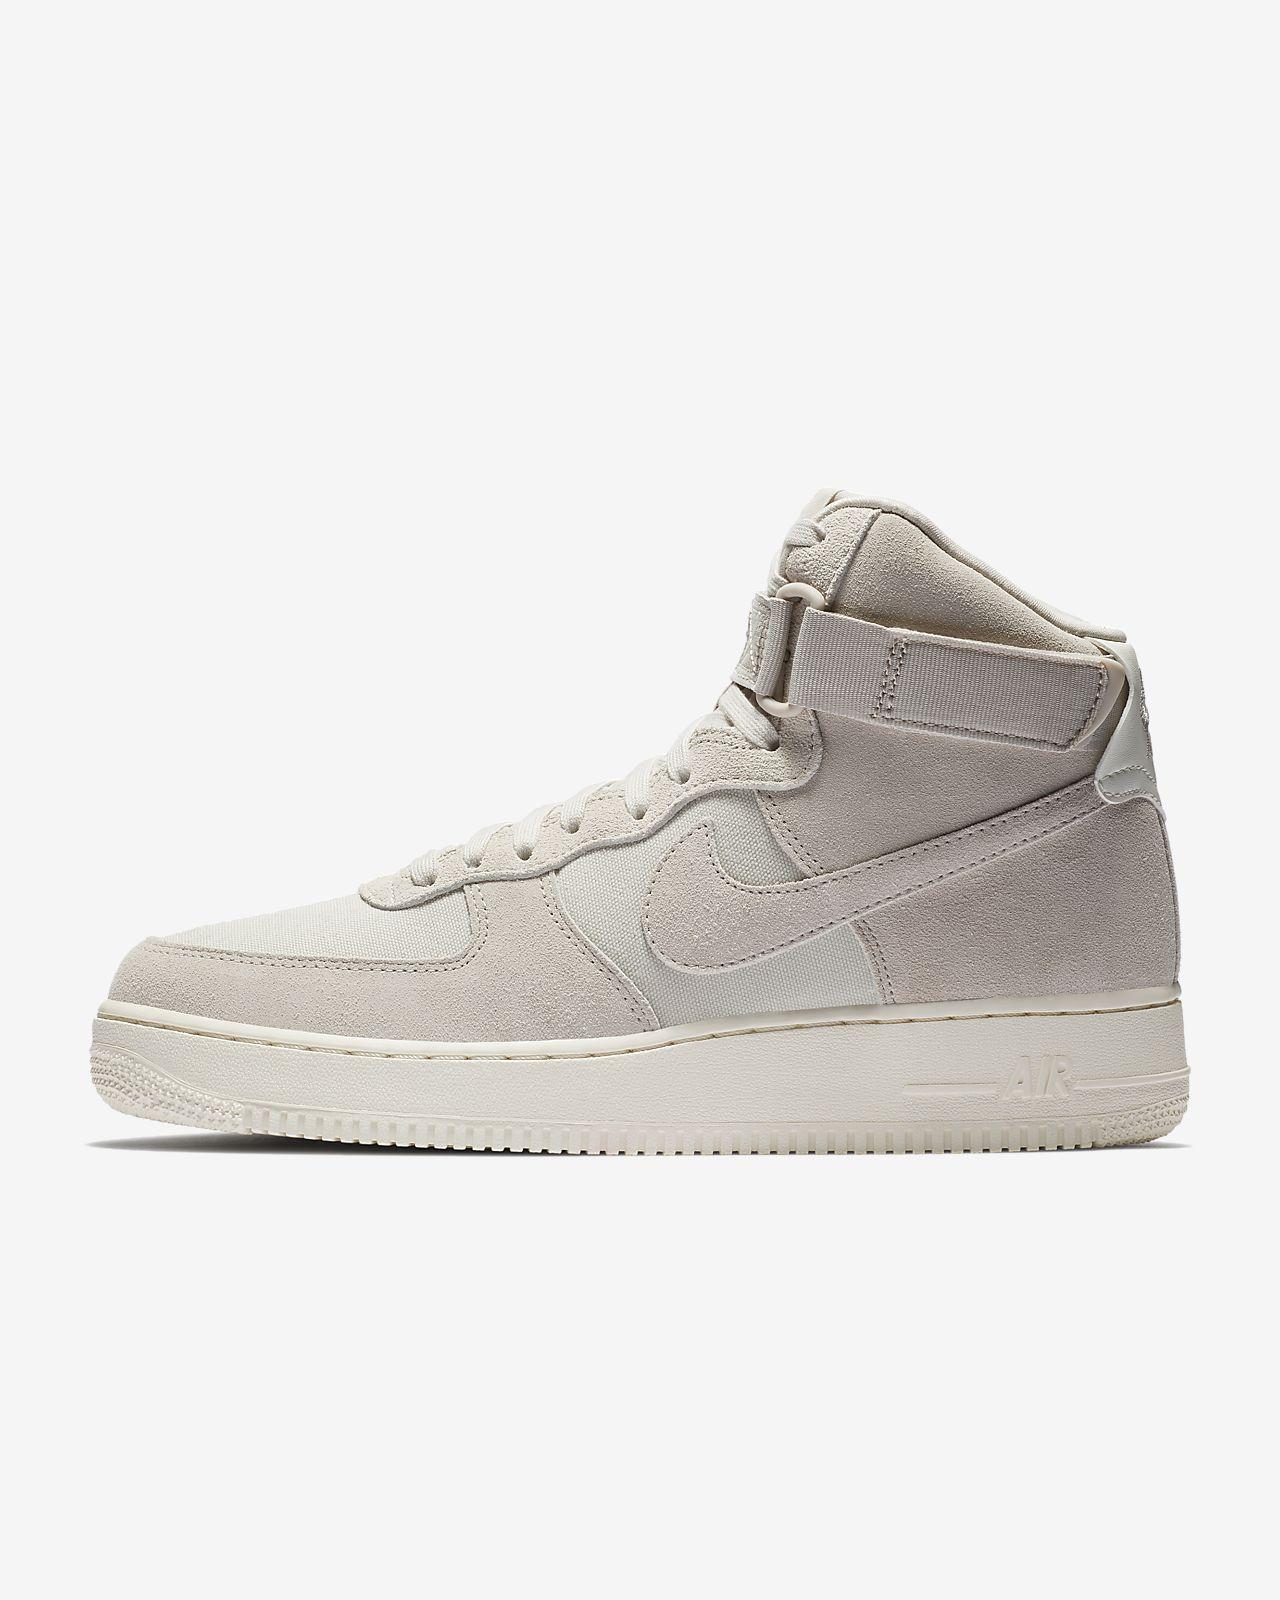 ... 50% off nike air force 1 high 07 mens shoe 992fc 9cc91 0529544abba8